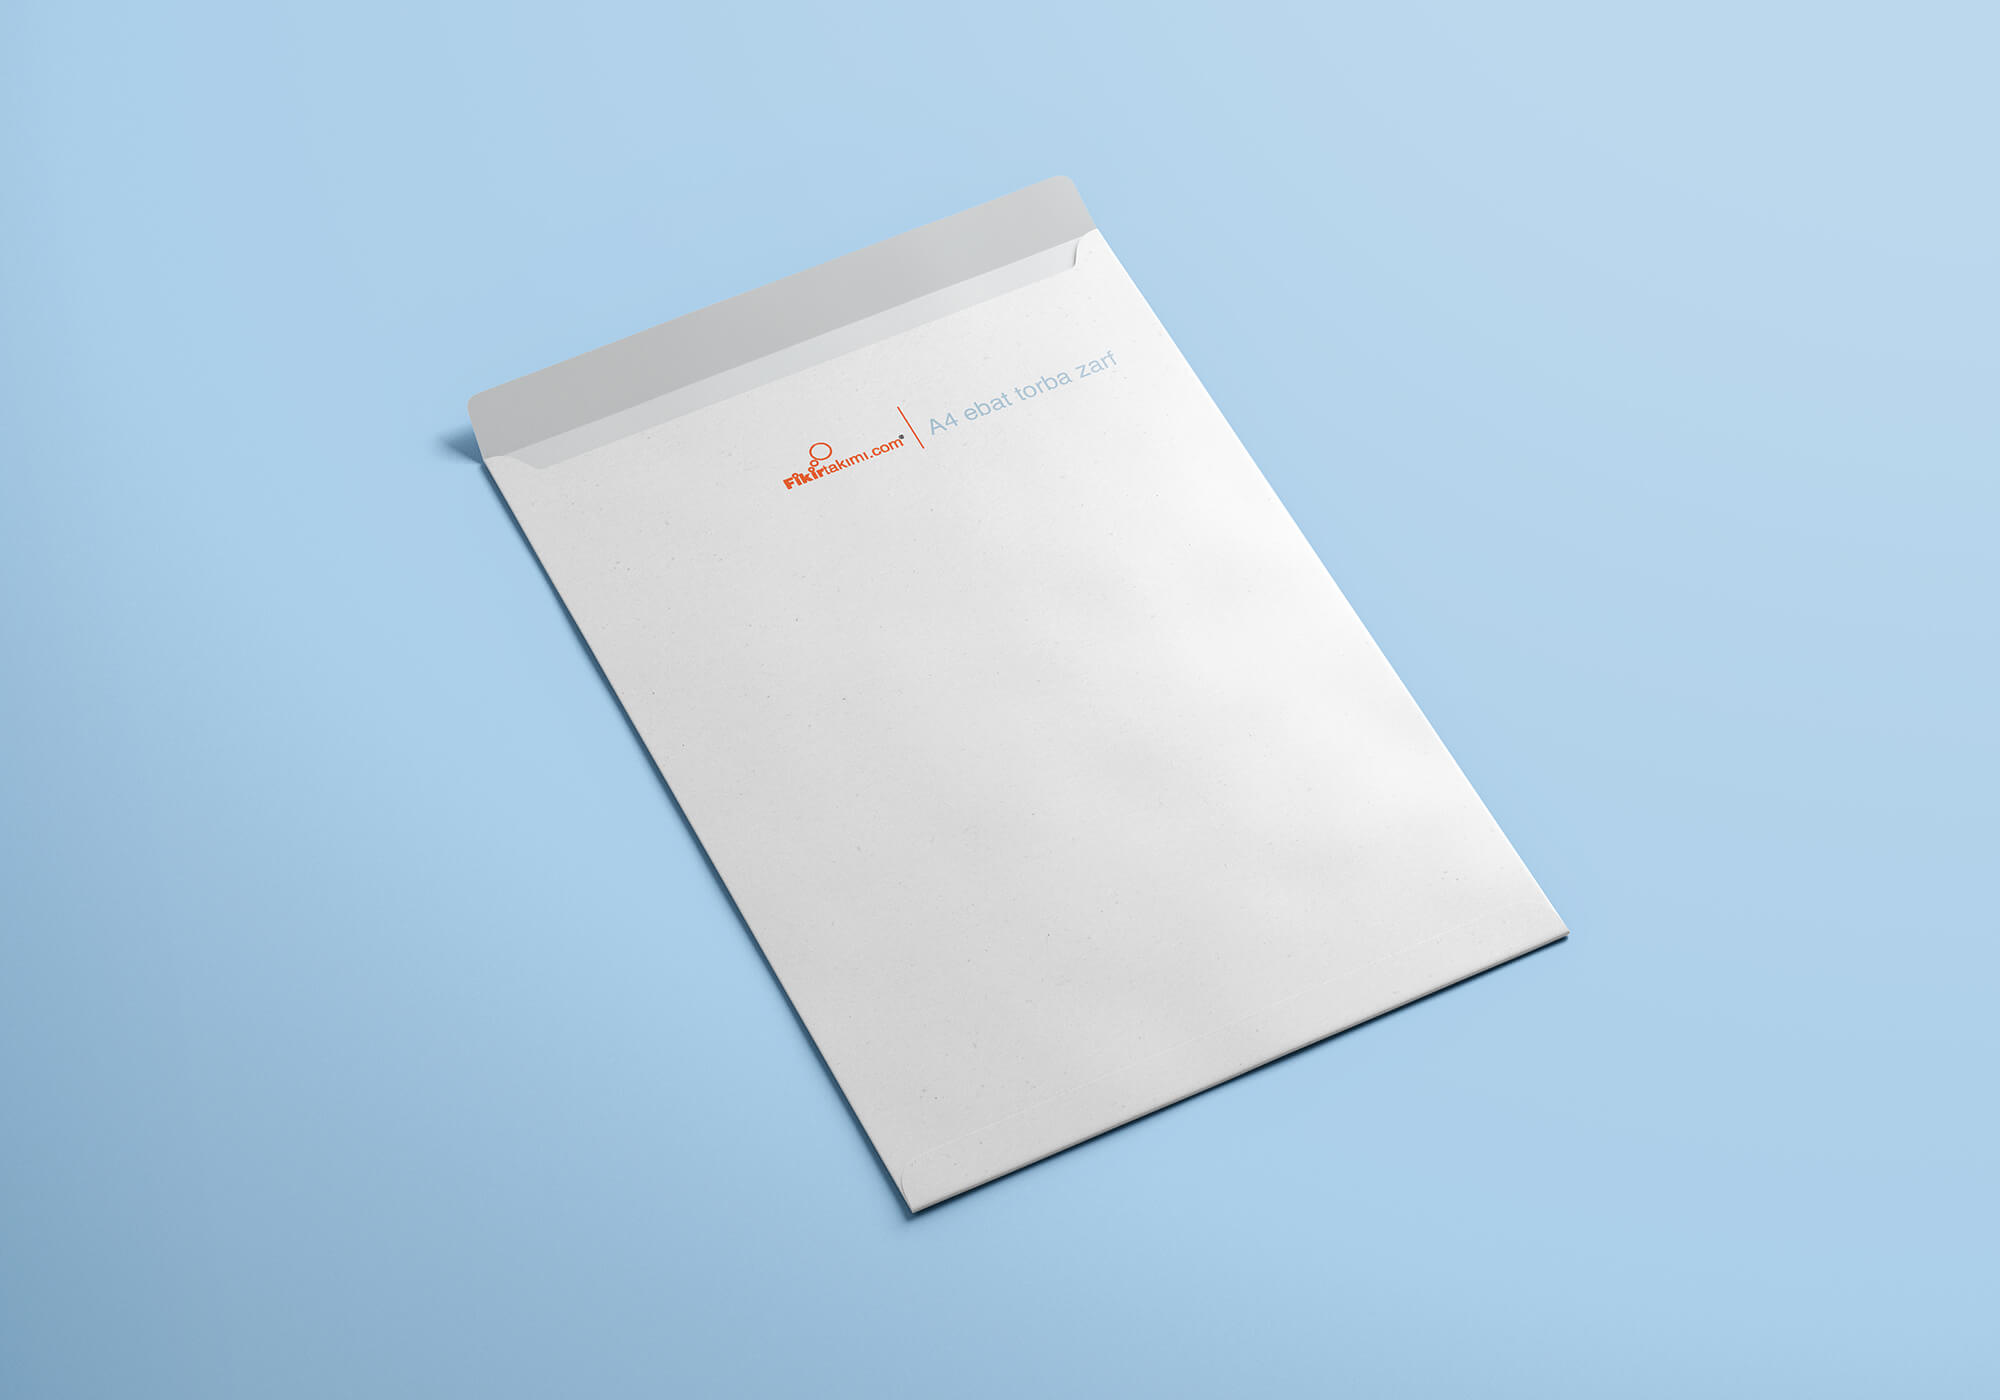 Torba Zarf, A4 Kurumsal Büyük Zarflar (500 adet)